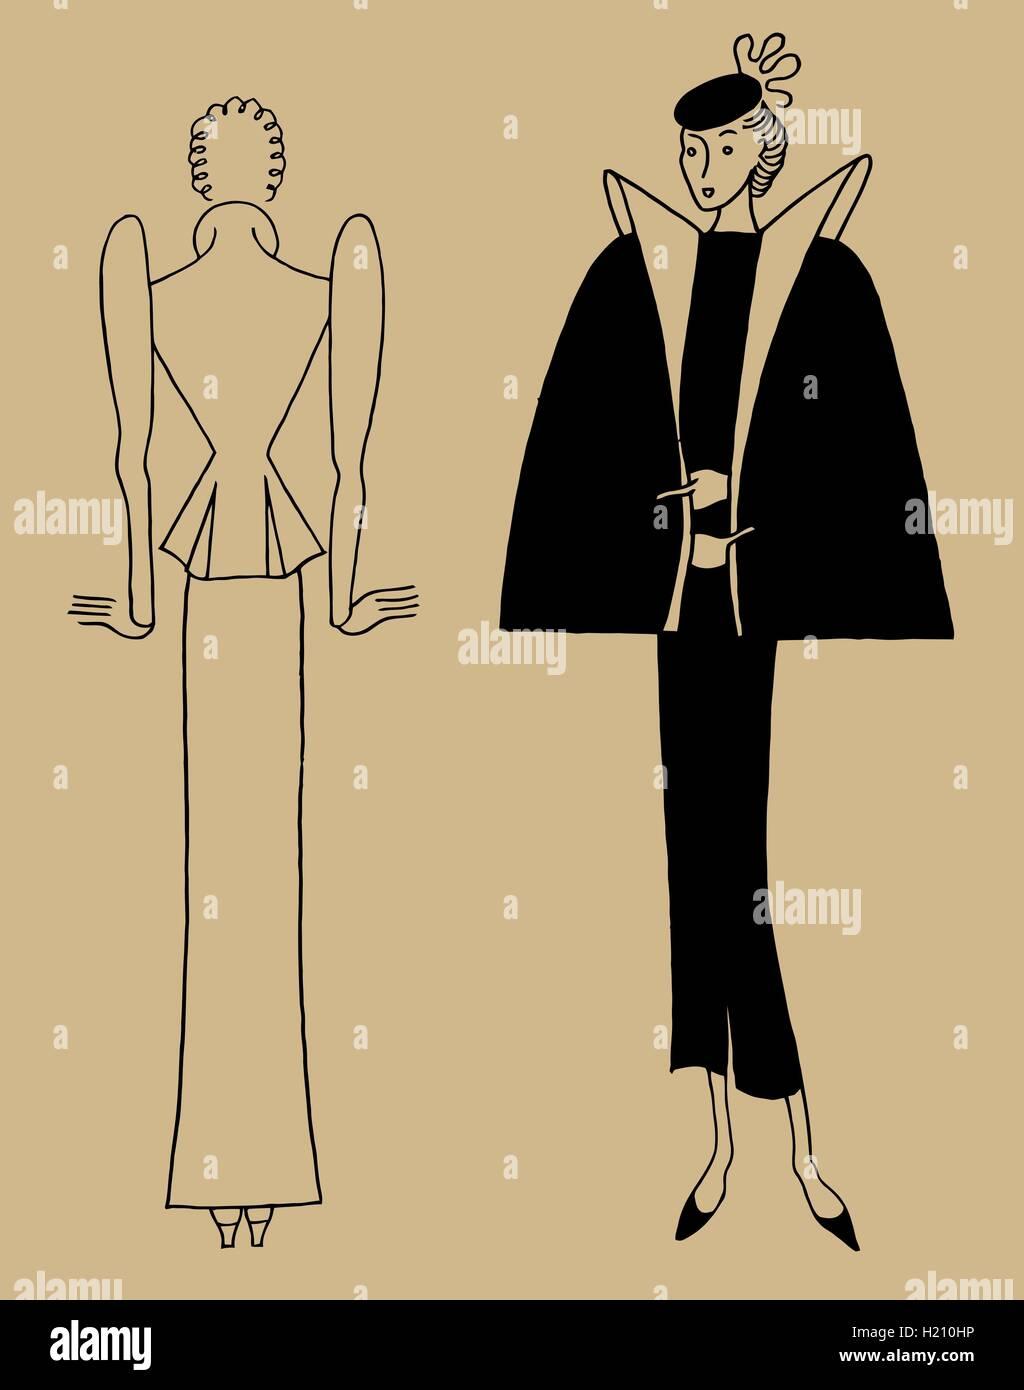 Vintage desenhados à mão. Vestuário feminino 30's. Retro ilustração no antigo estilo Imagens de Stock